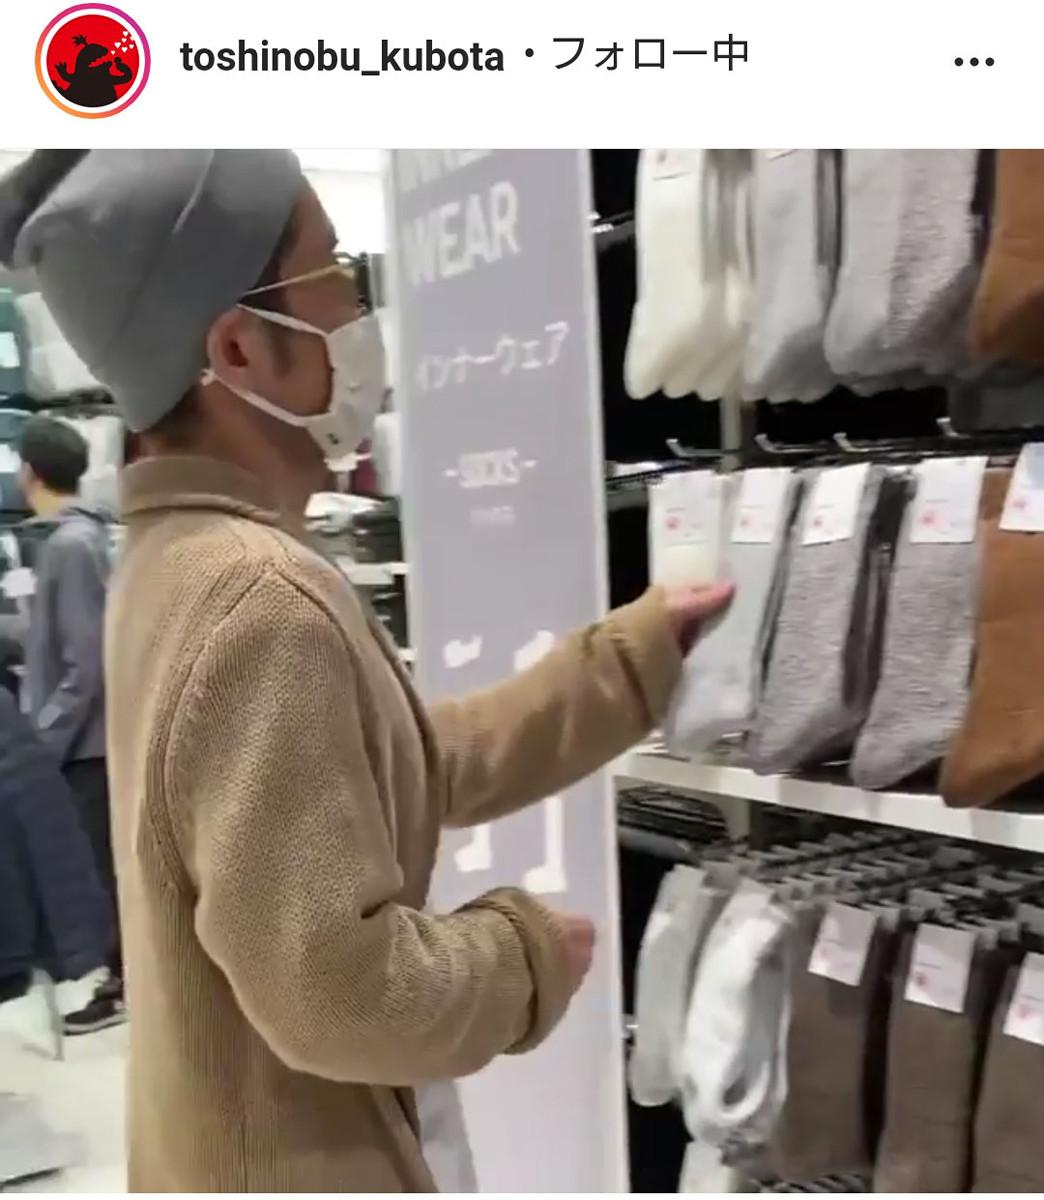 仙台 久保田 利伸